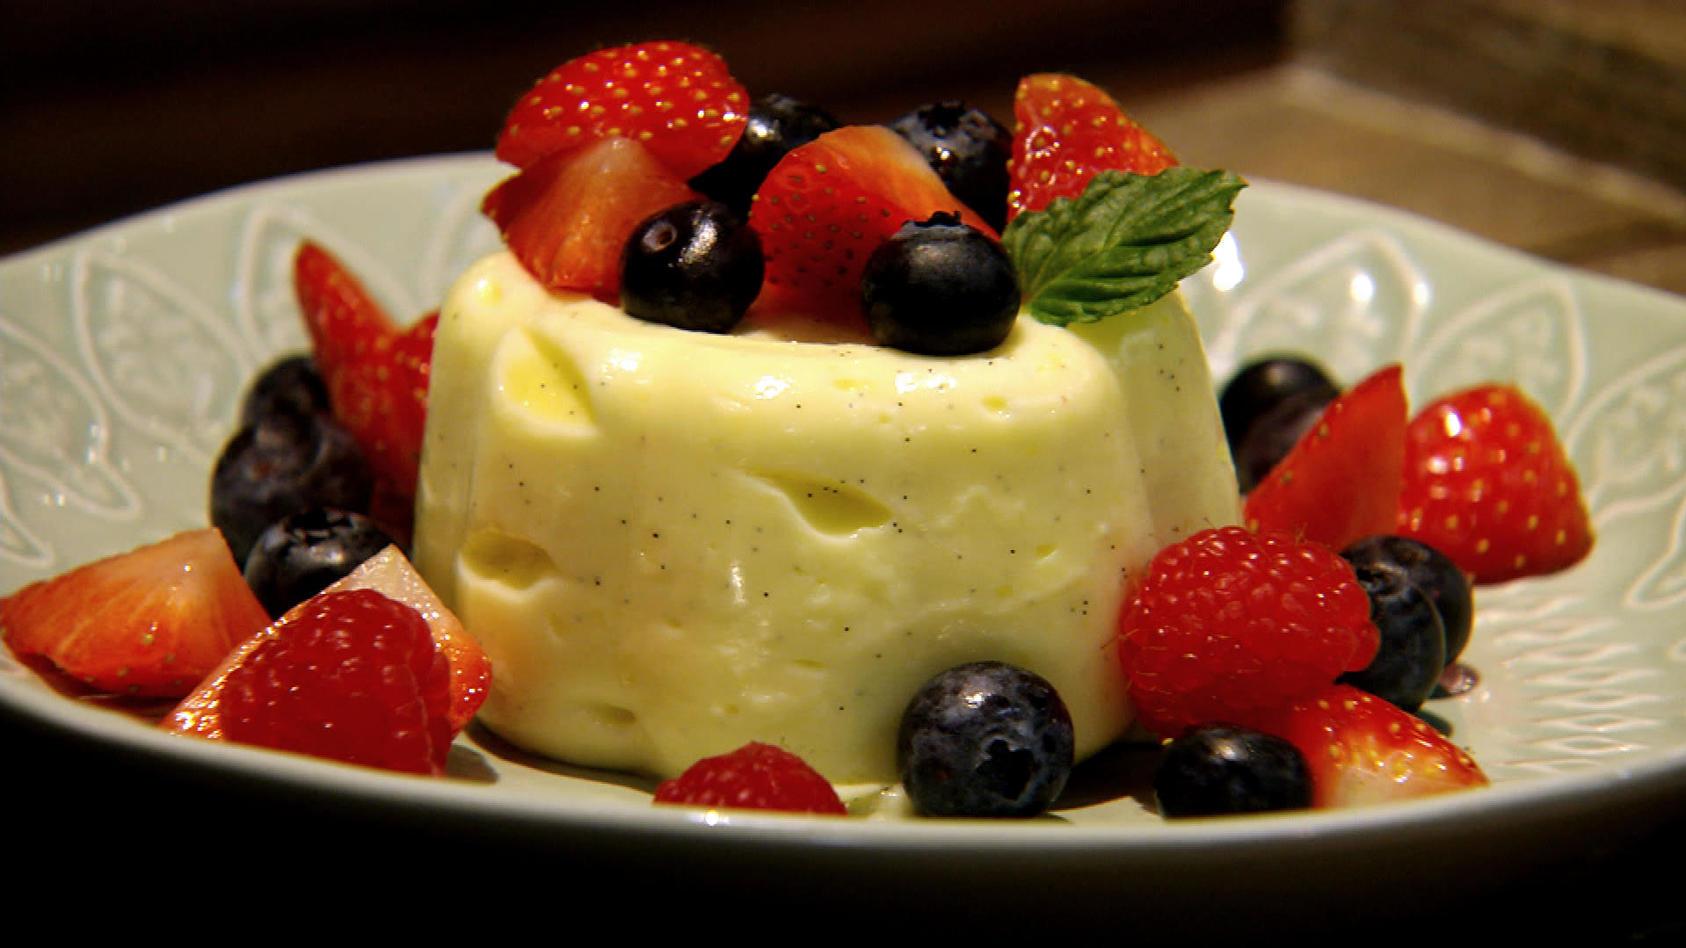 Feierabend, wie das duftet!: Vanillepudding mit Beerensauce